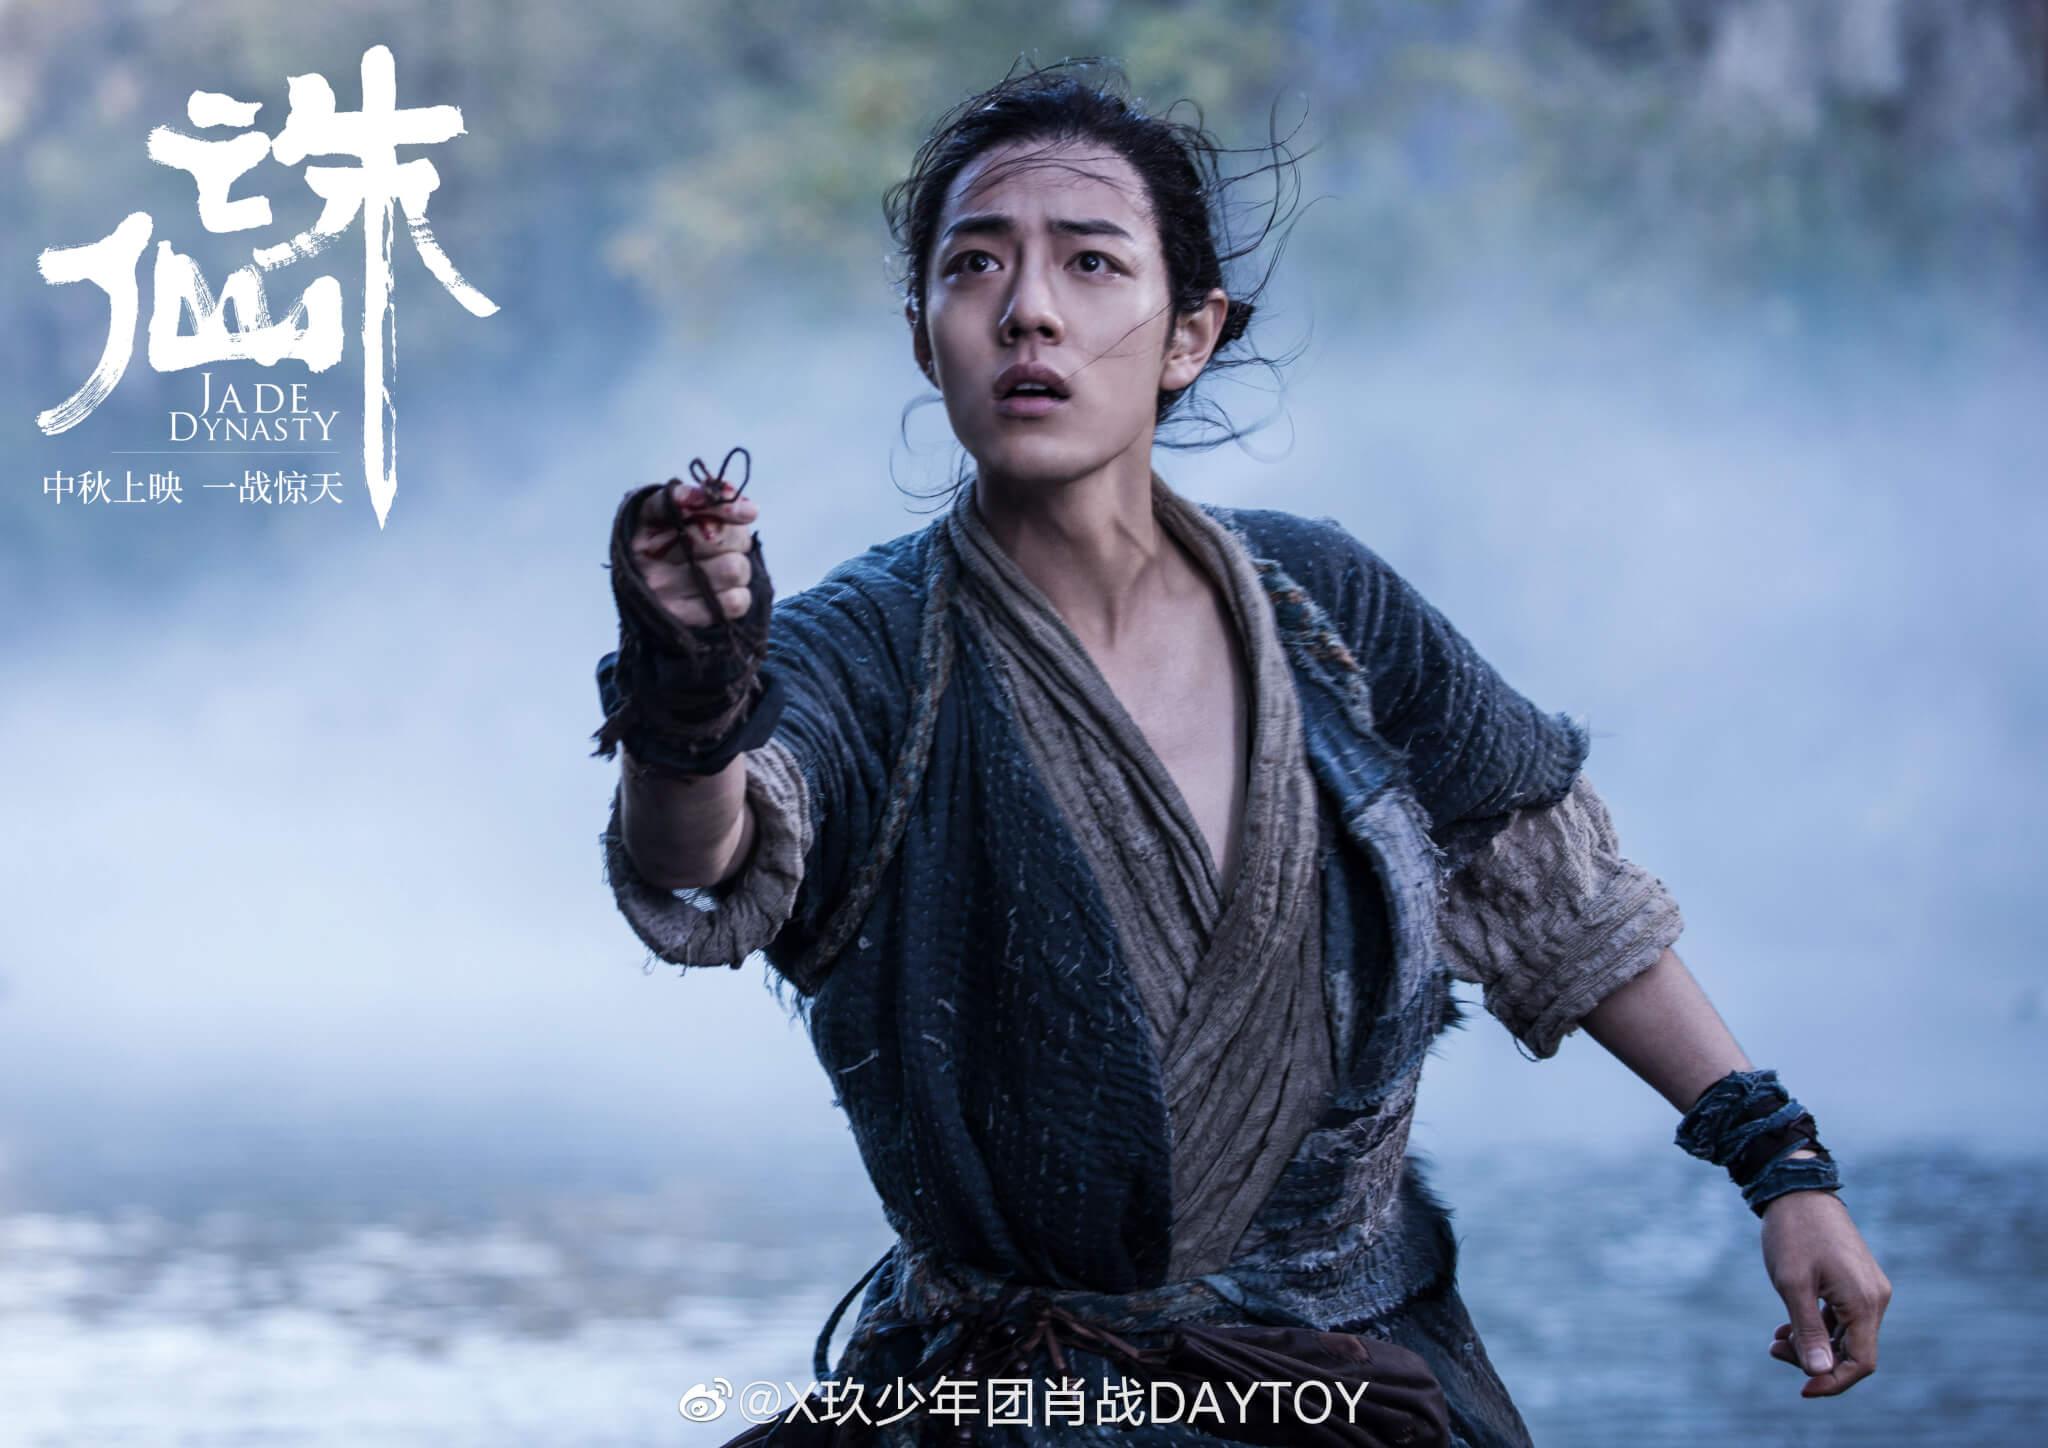 今年由小熒幕走到大銀幕,肖戰首次擔正便拍攝程小東執導的電影《誅仙》。